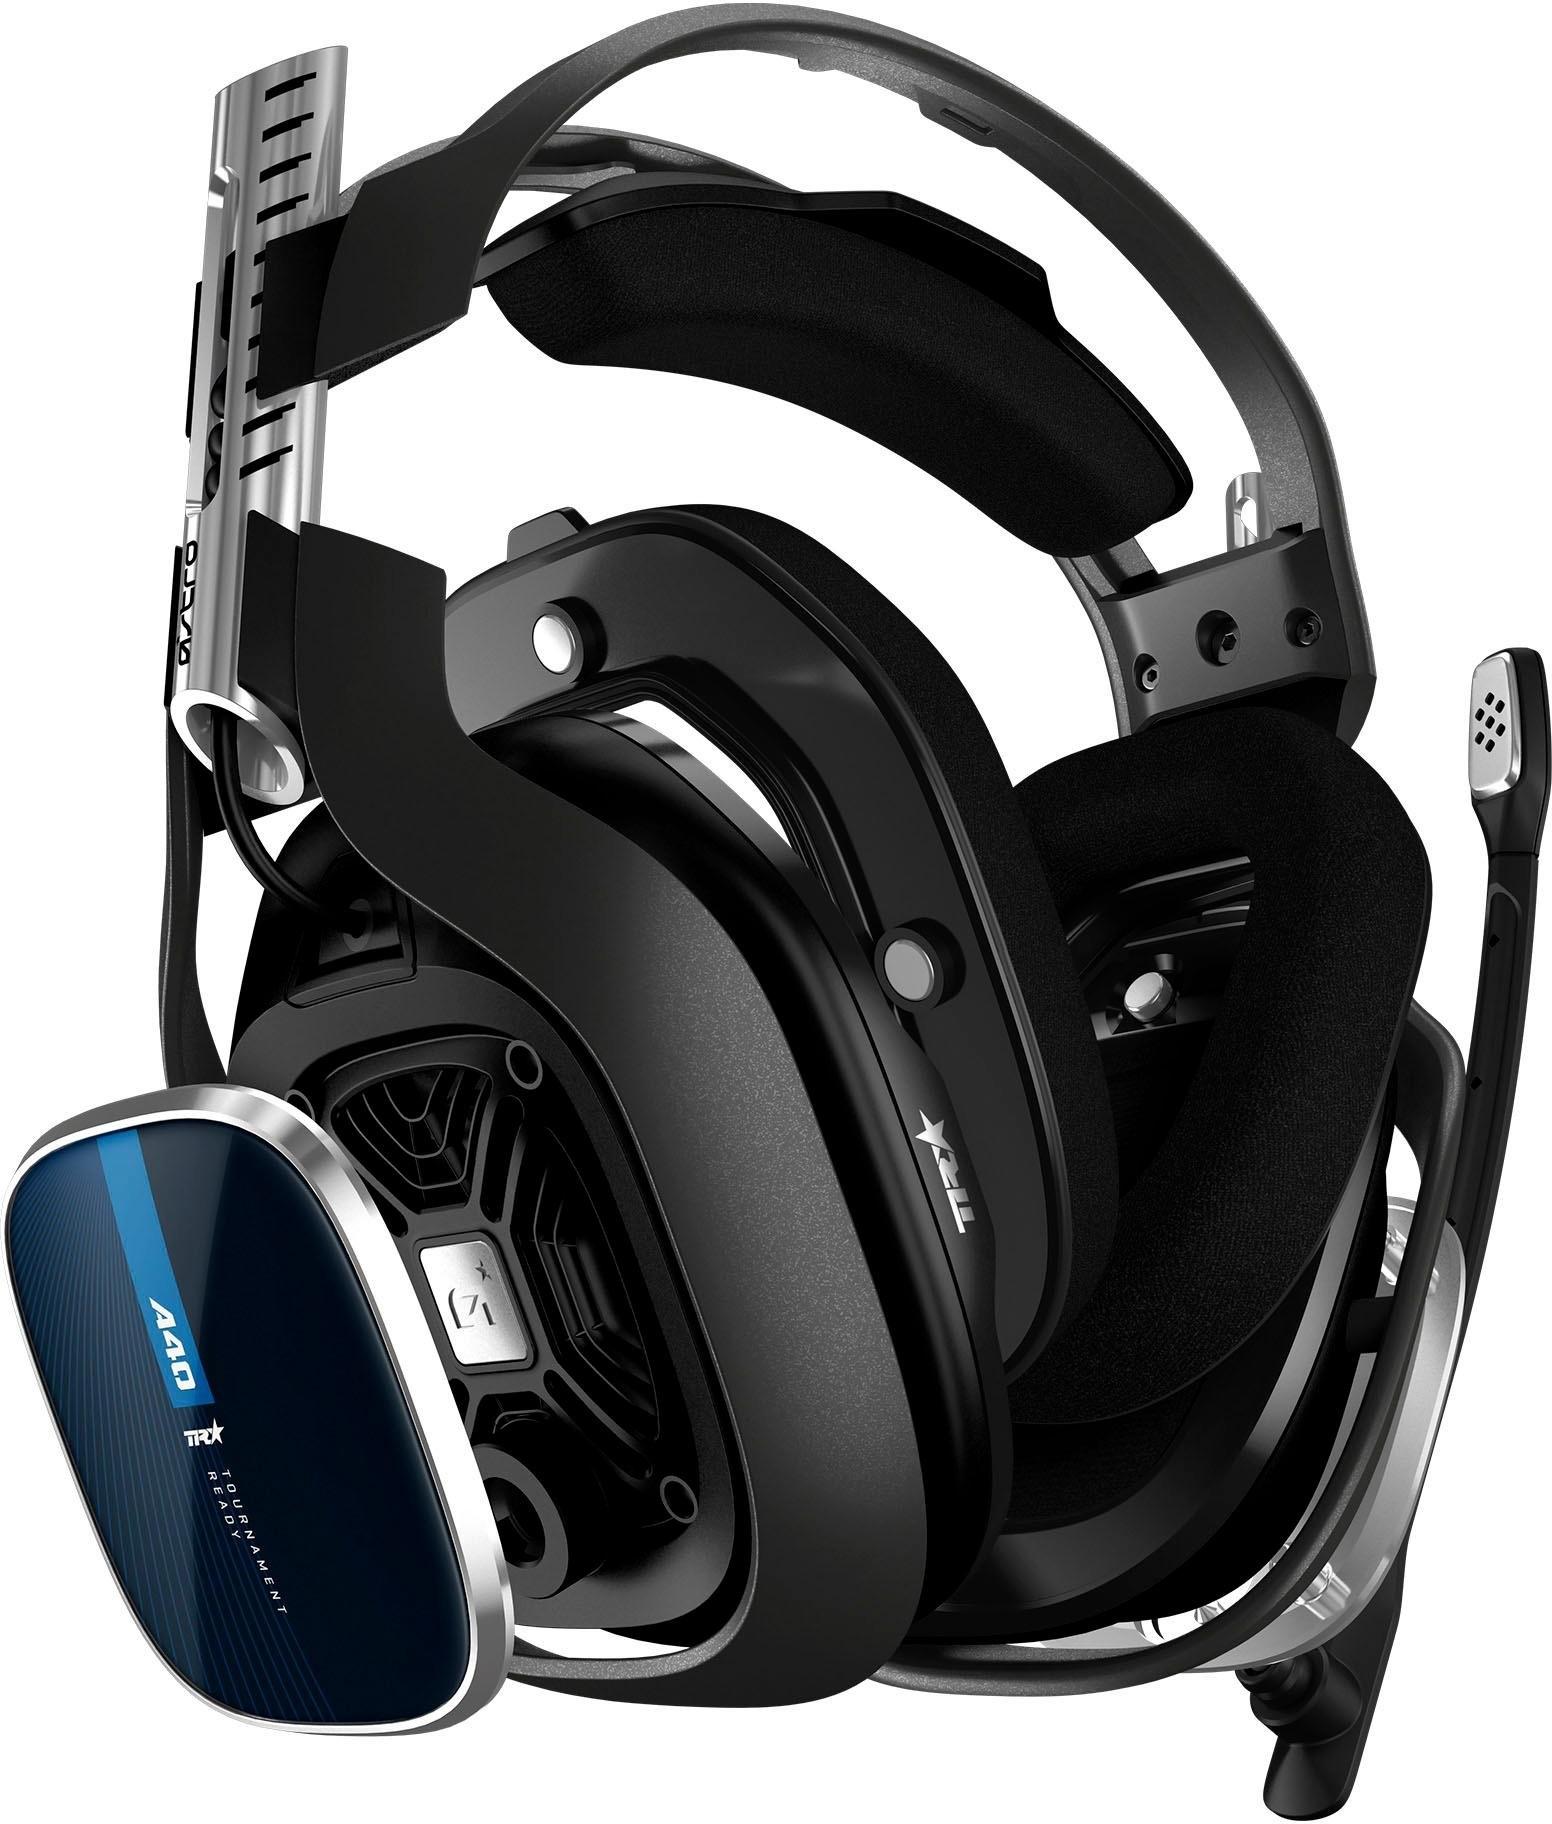 ASTRO gaming-headset A40 TR headset -nieuw- (PS4 & pc) nu online bestellen